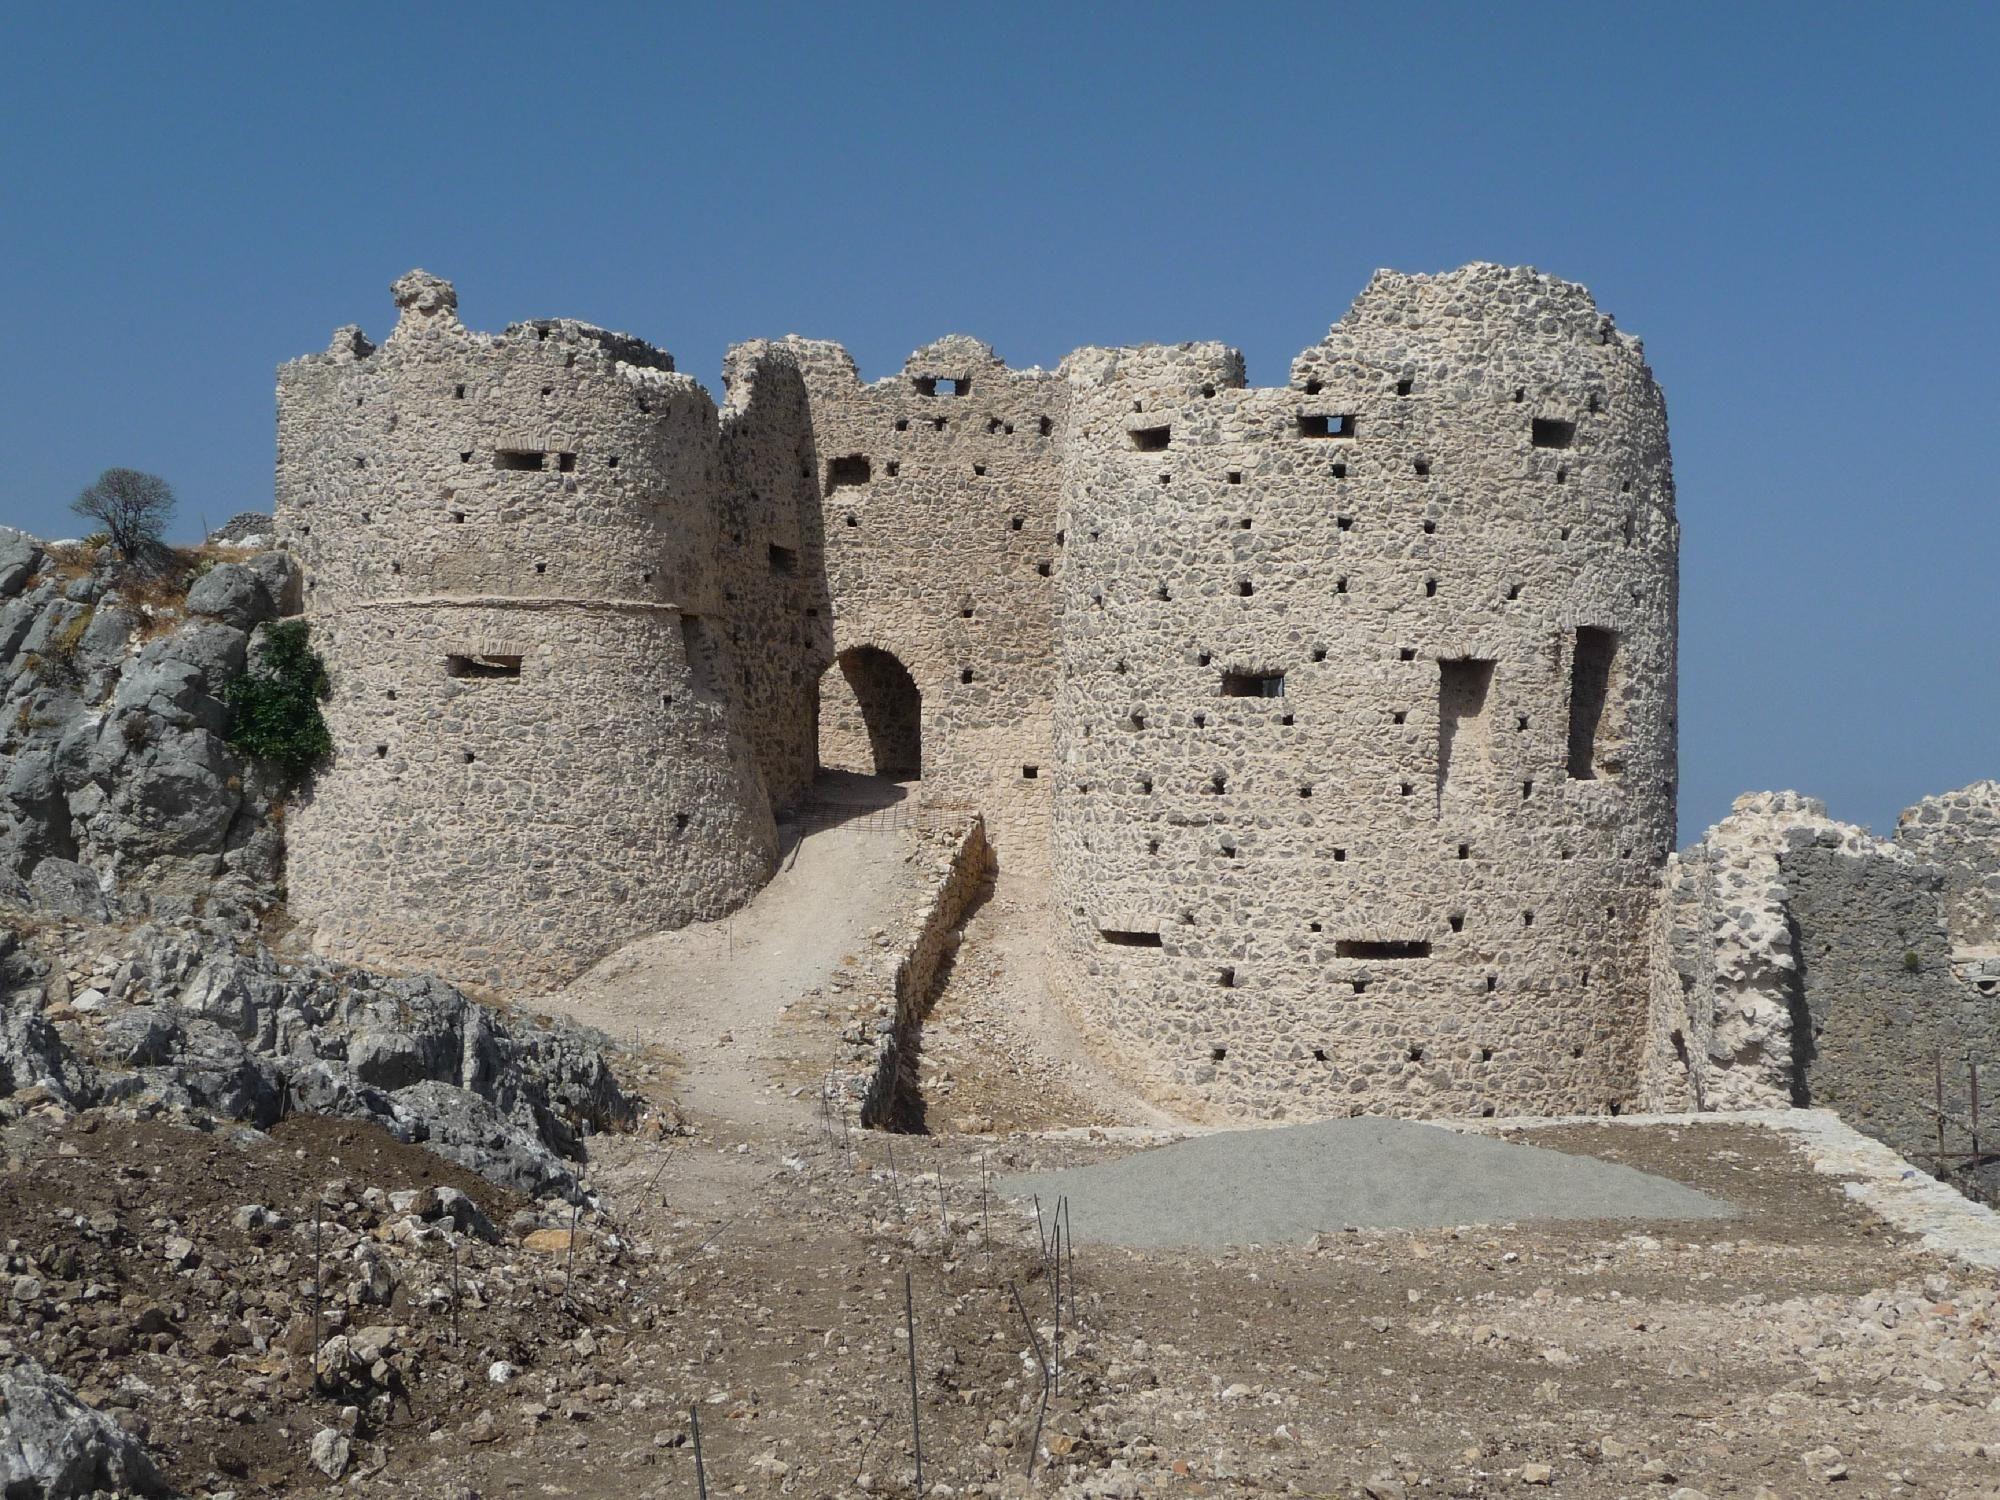 Castello normanno di Stilo, Stilo: See 39 reviews, articles, and 29 photos of Castello normanno di Stilo, ranked No.2 on TripAdvisor among 6 attractions in Stilo.